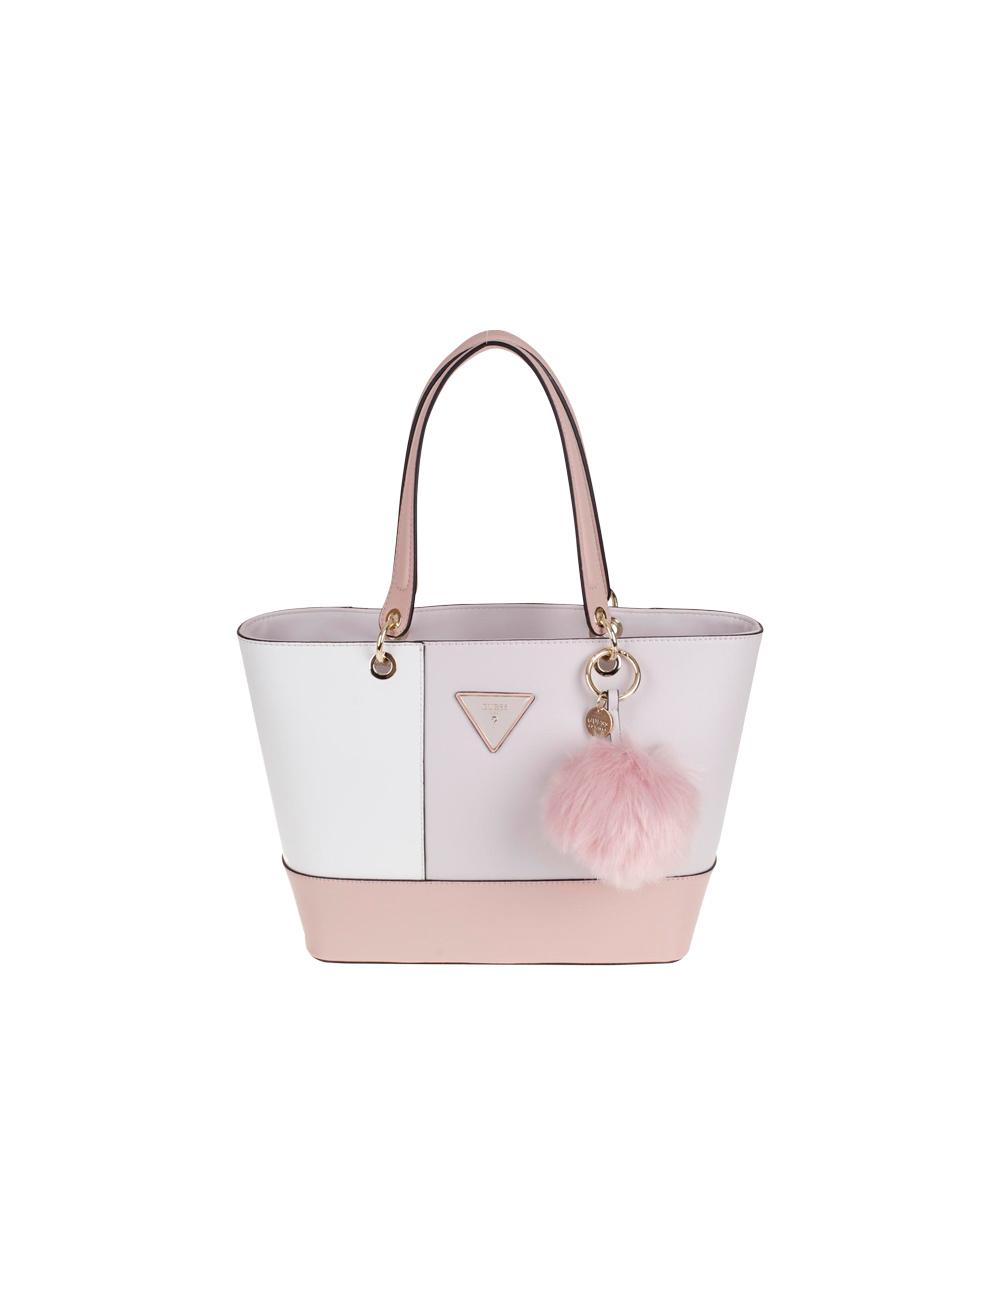 Handtasche von Guess «Kamryn» rosa und weiss